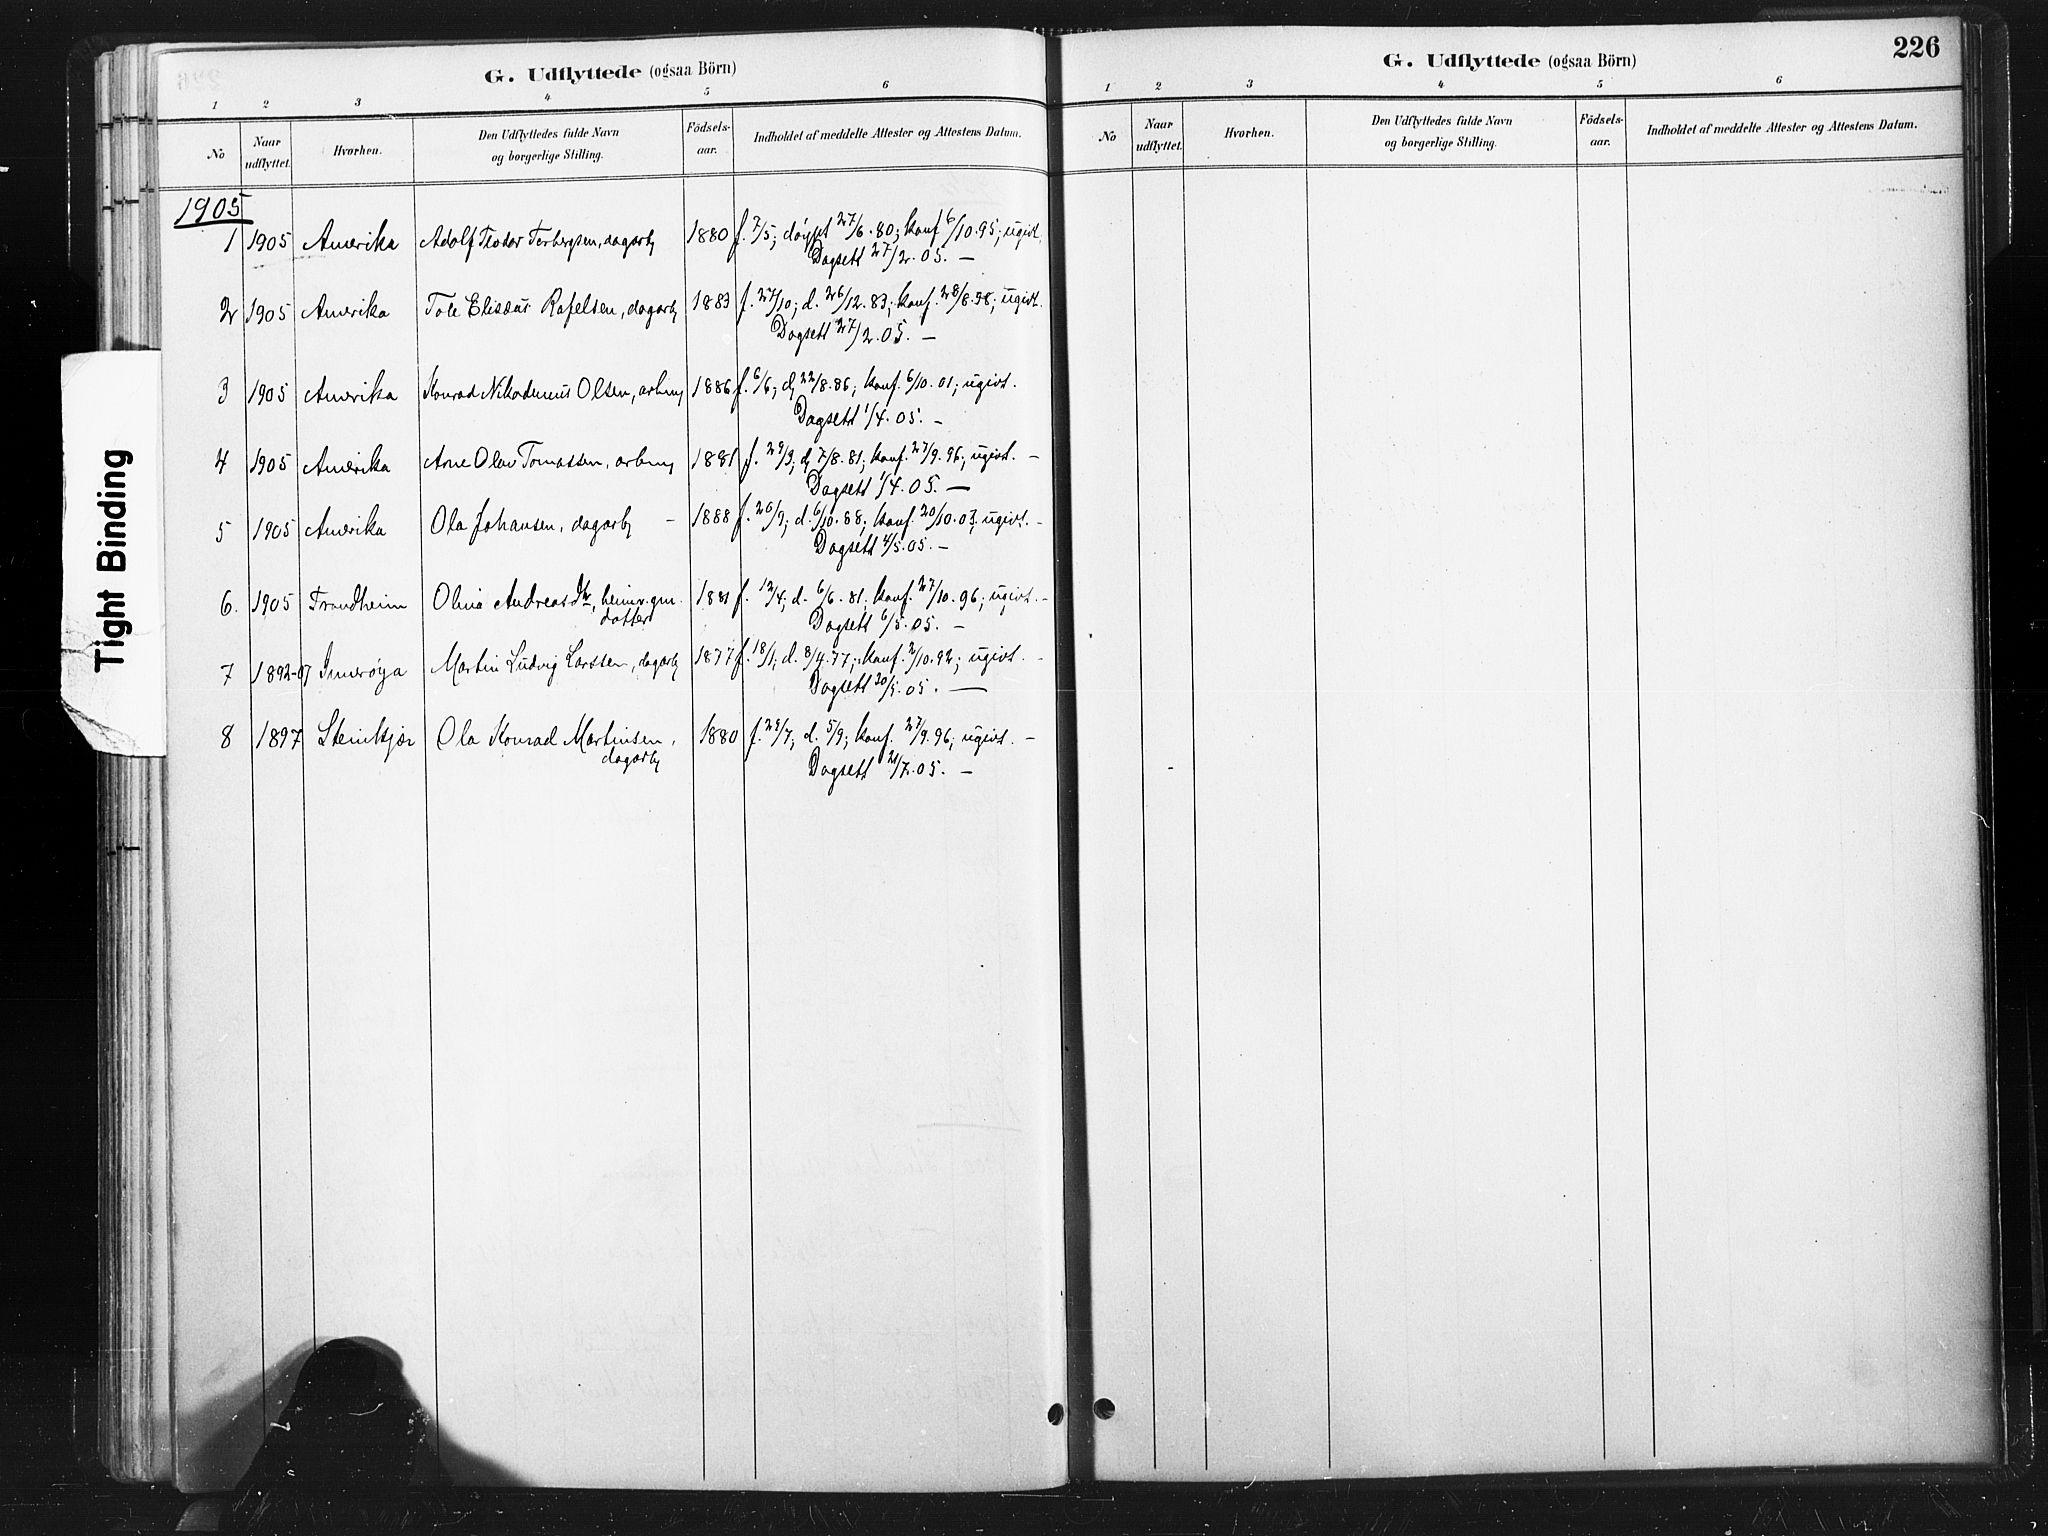 SAT, Ministerialprotokoller, klokkerbøker og fødselsregistre - Nord-Trøndelag, 736/L0361: Ministerialbok nr. 736A01, 1884-1906, s. 226